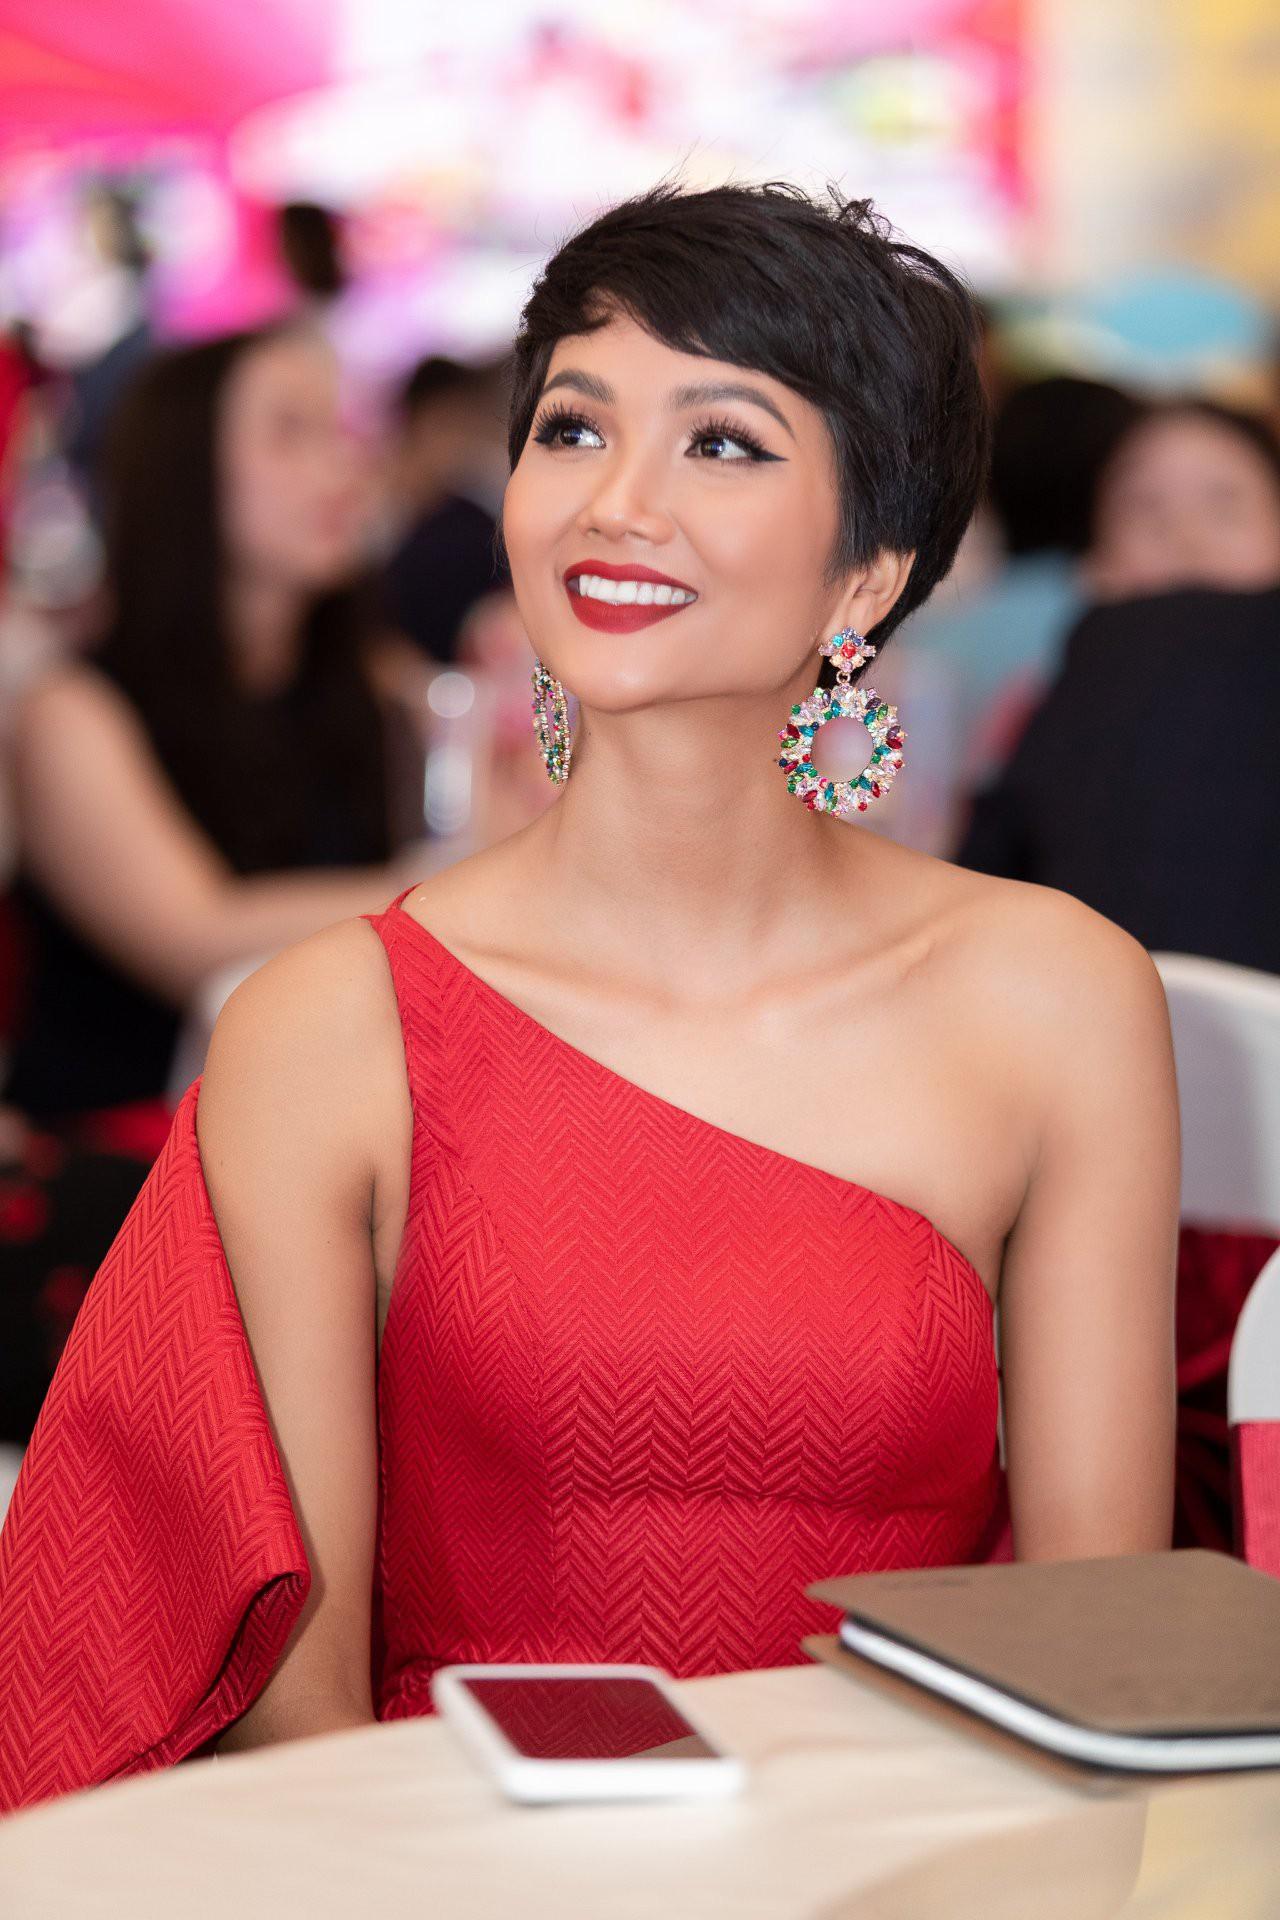 Đi tìm kiểu tóc phù hợp với gương mặt và phong cách của HHen Niê - Ảnh 3.